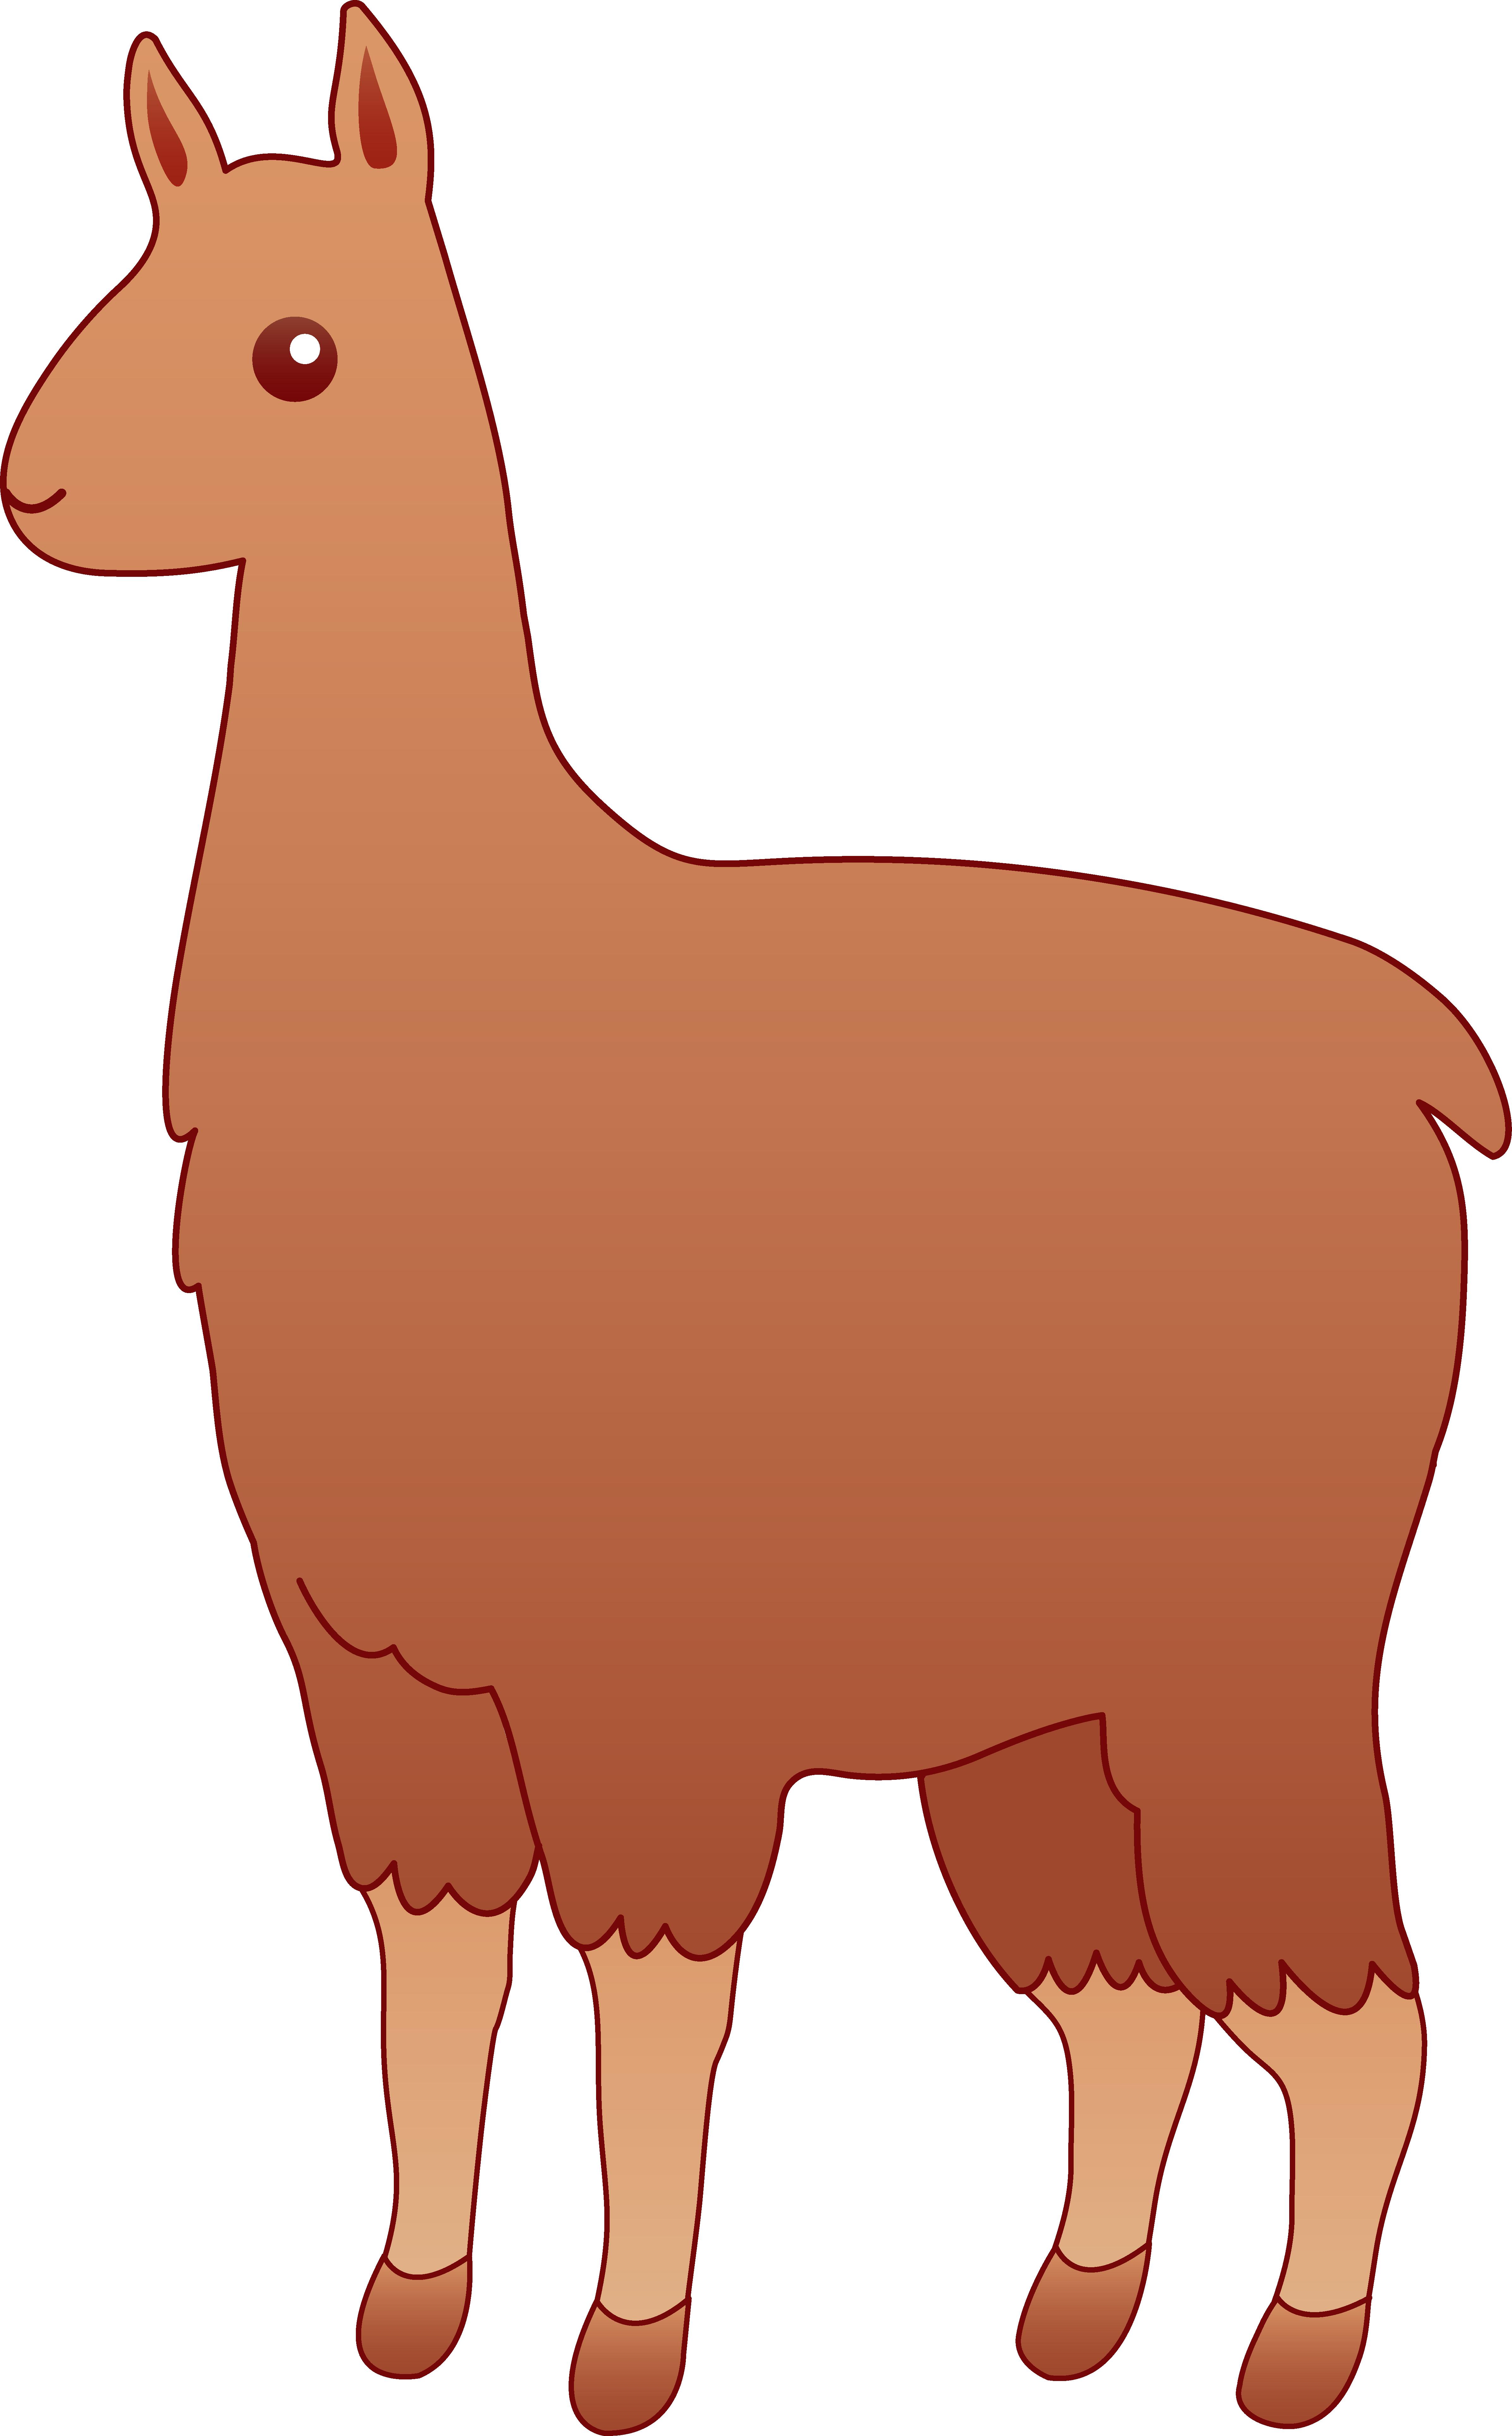 Lama clipart #4, Download drawings